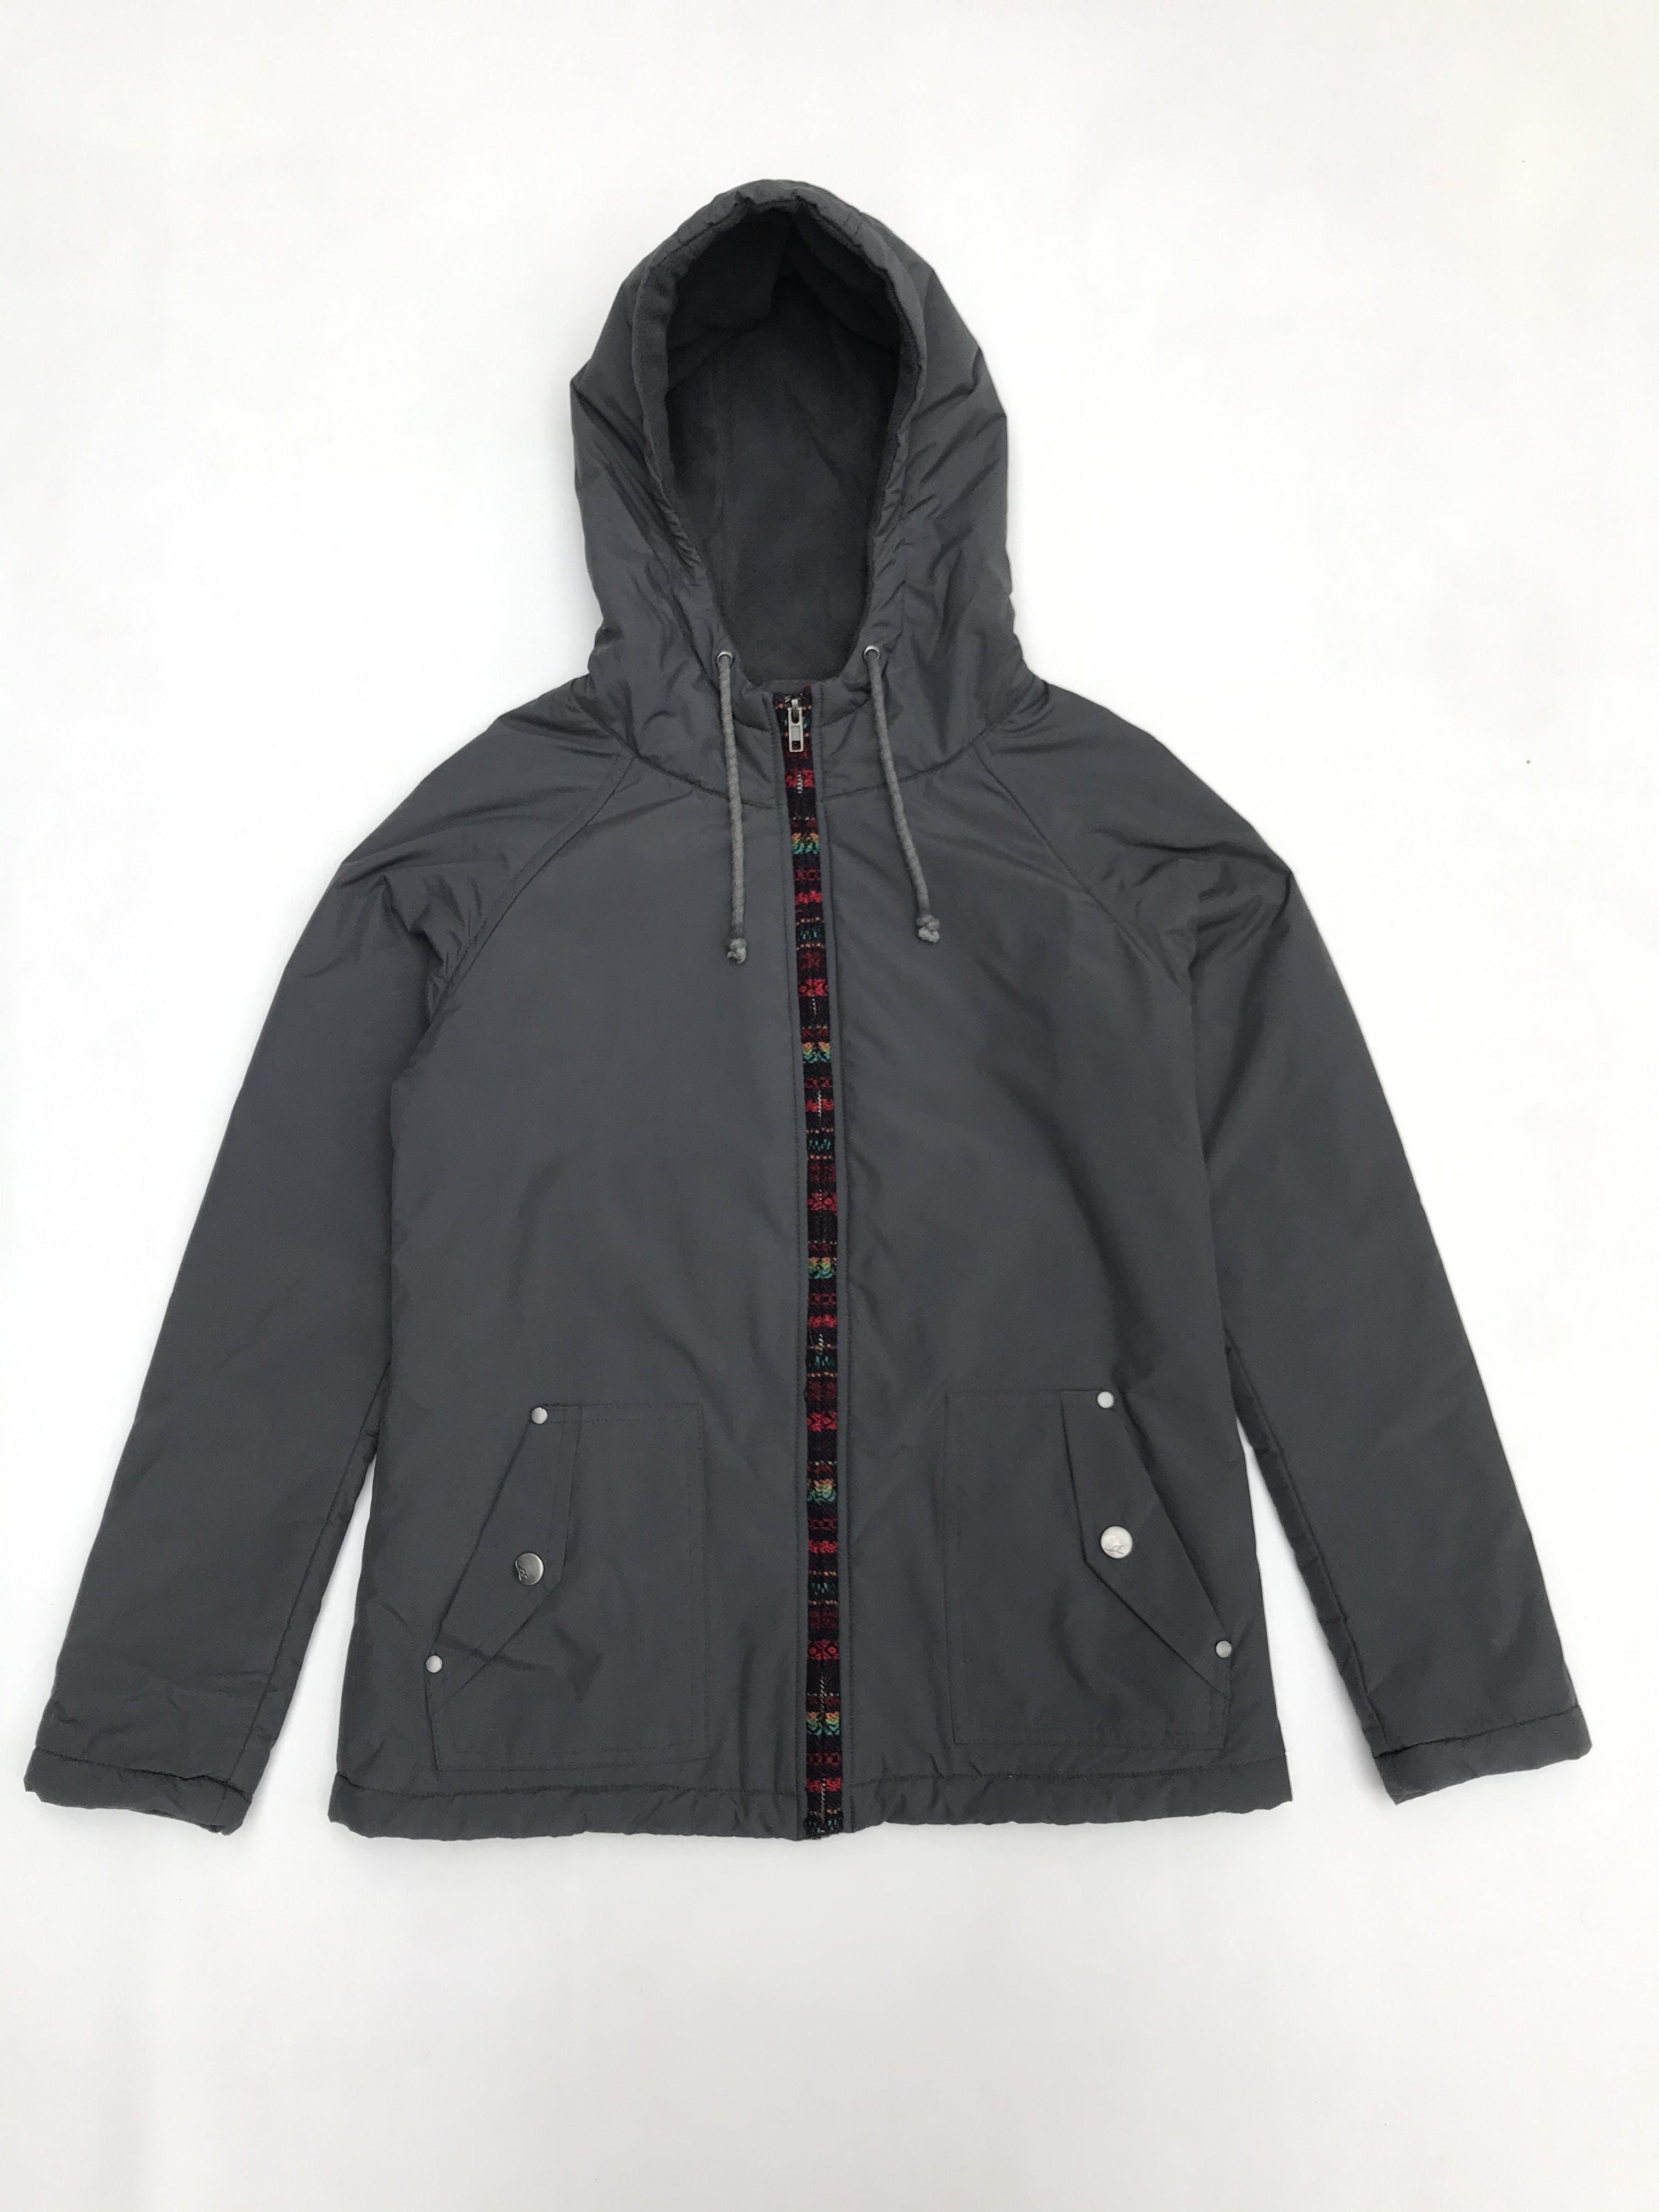 Casaca Doo Australia gris tipo nylon impermeable con forro polar, capucha y fila motivo andino en cierre